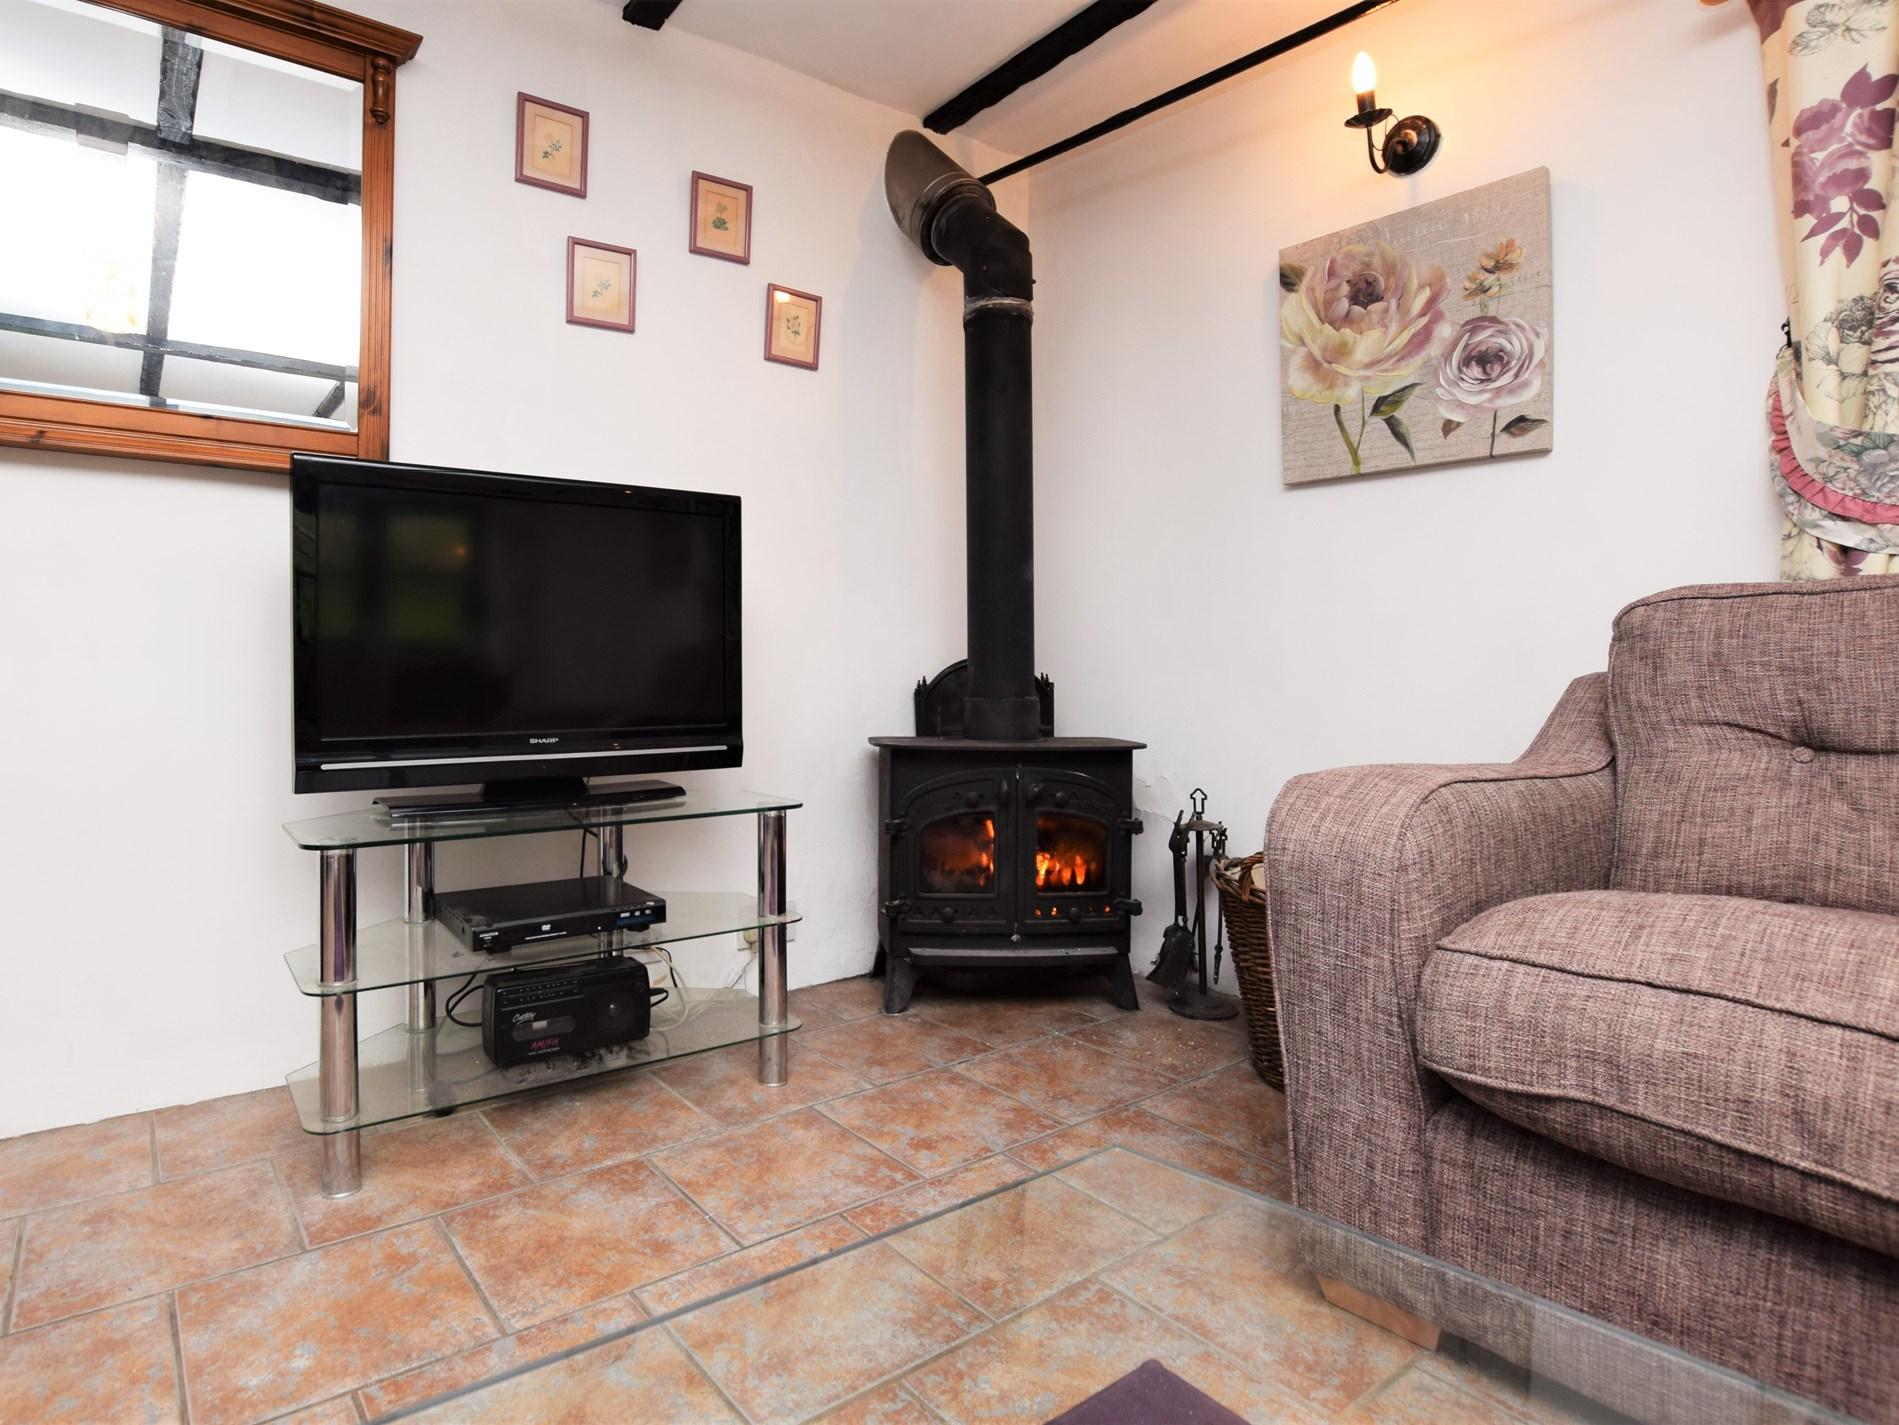 2 Bedroom Barn in Somerset, Dorset and Somerset